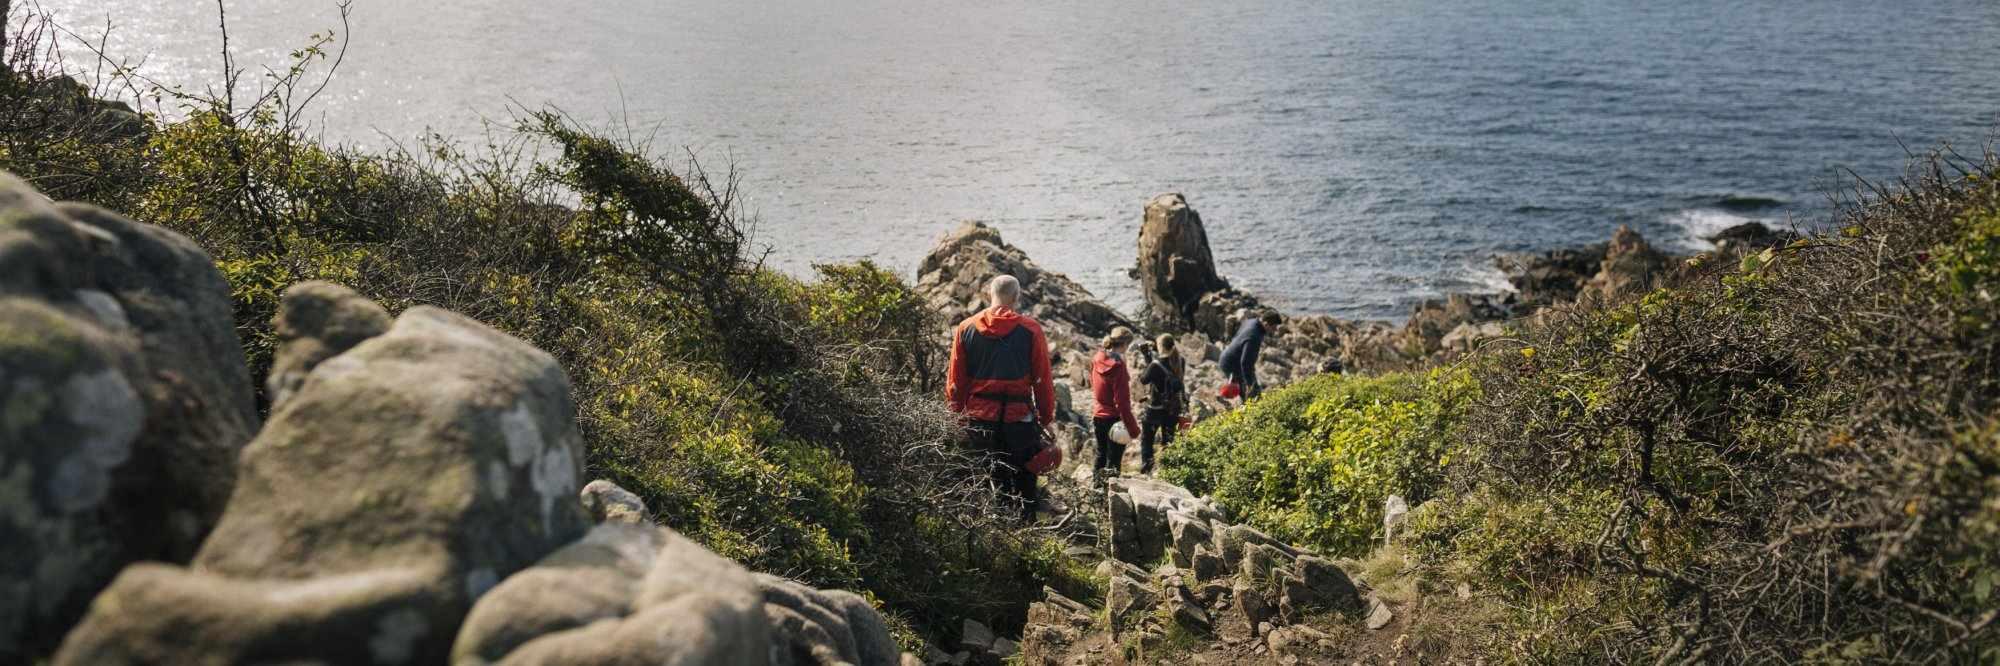 headerfoto Kullaleden langs de Zweedse kust